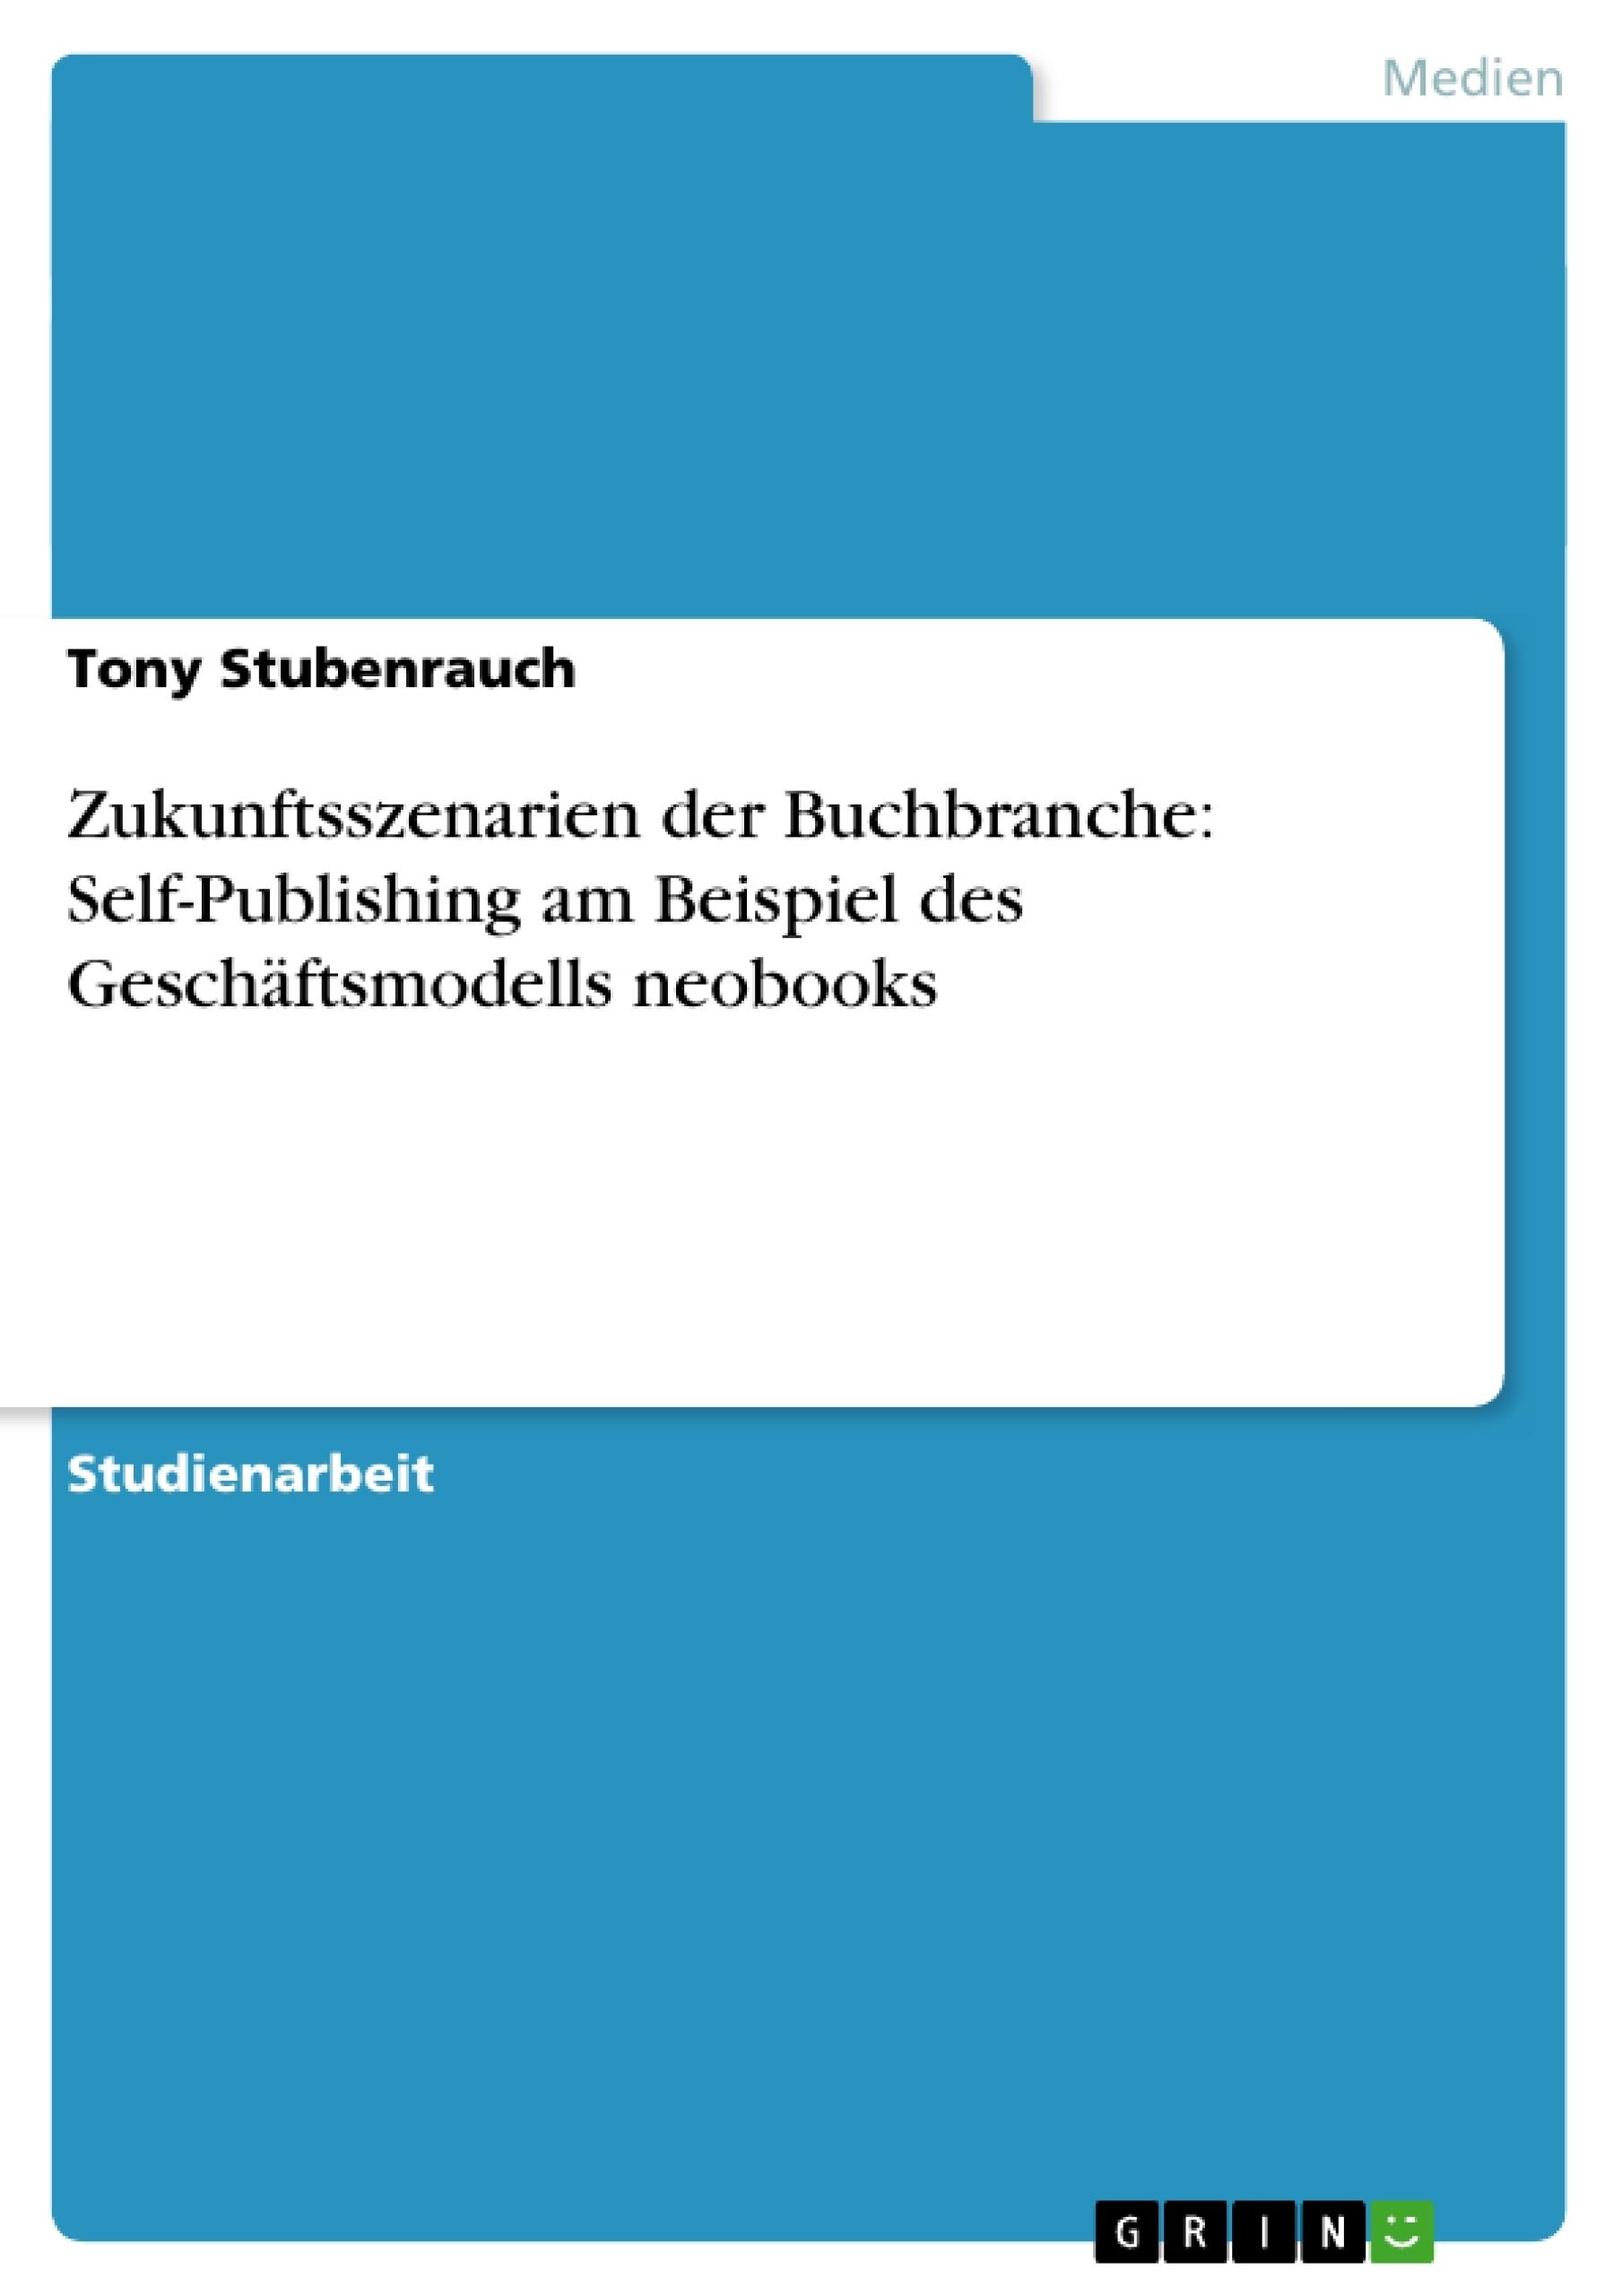 Titel: Zukunftsszenarien der Buchbranche: Self-Publishing am Beispiel des Geschäftsmodells neobooks